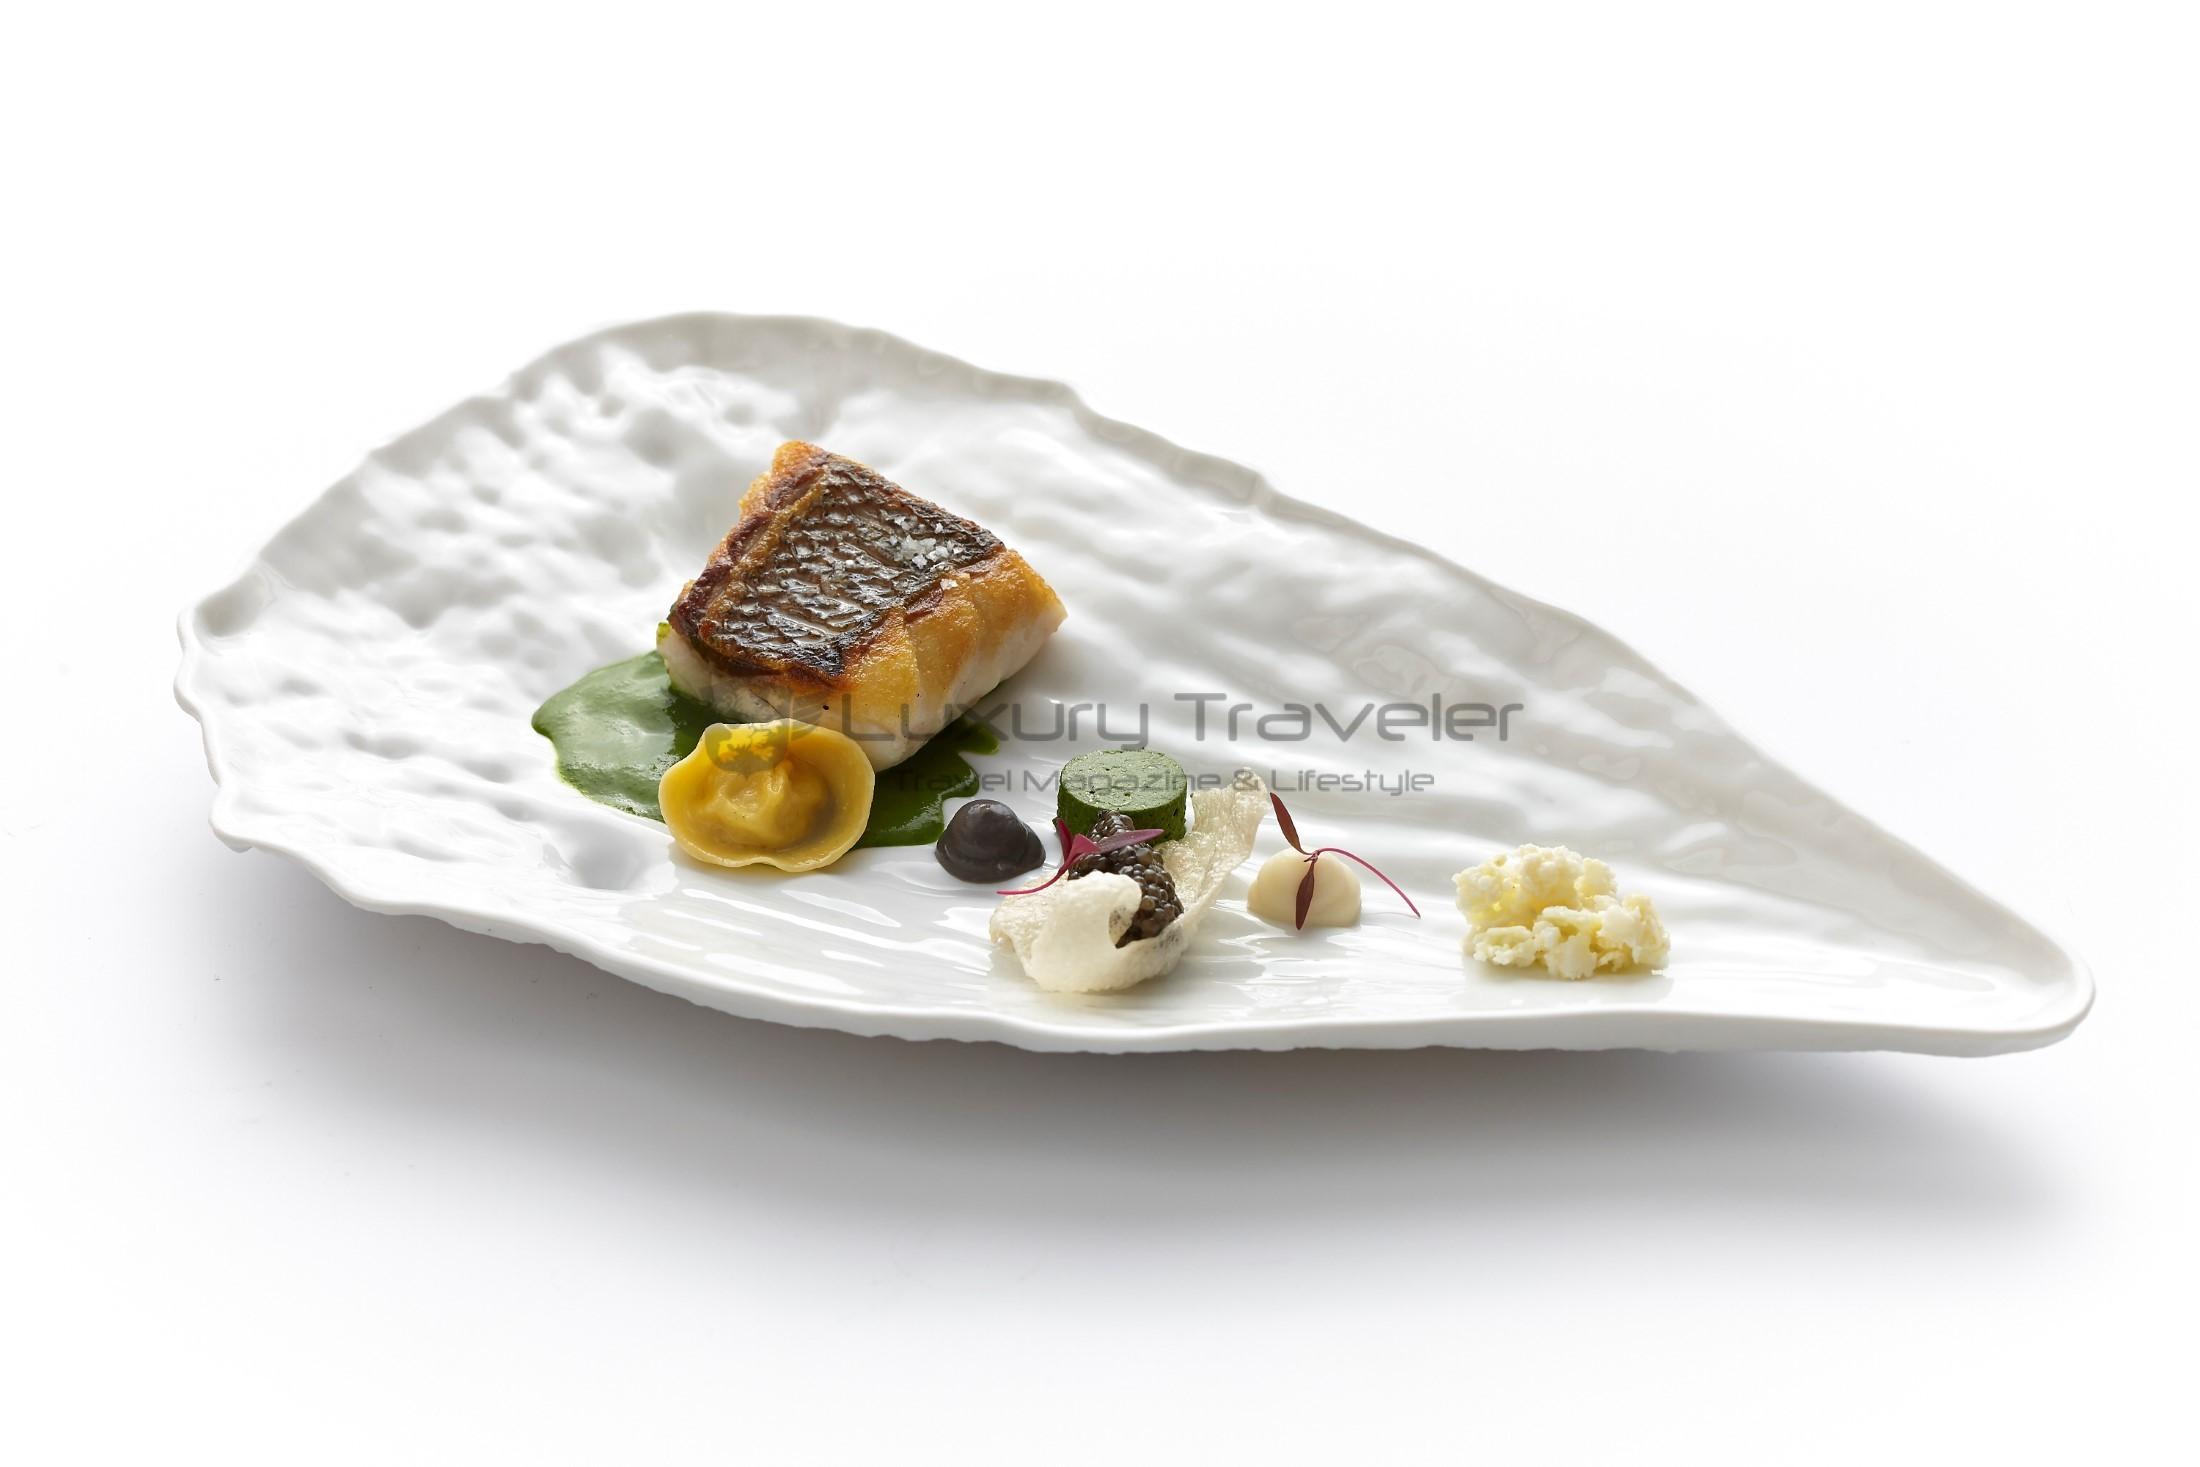 35-il_gallo_douro_michelin_star_restaurant